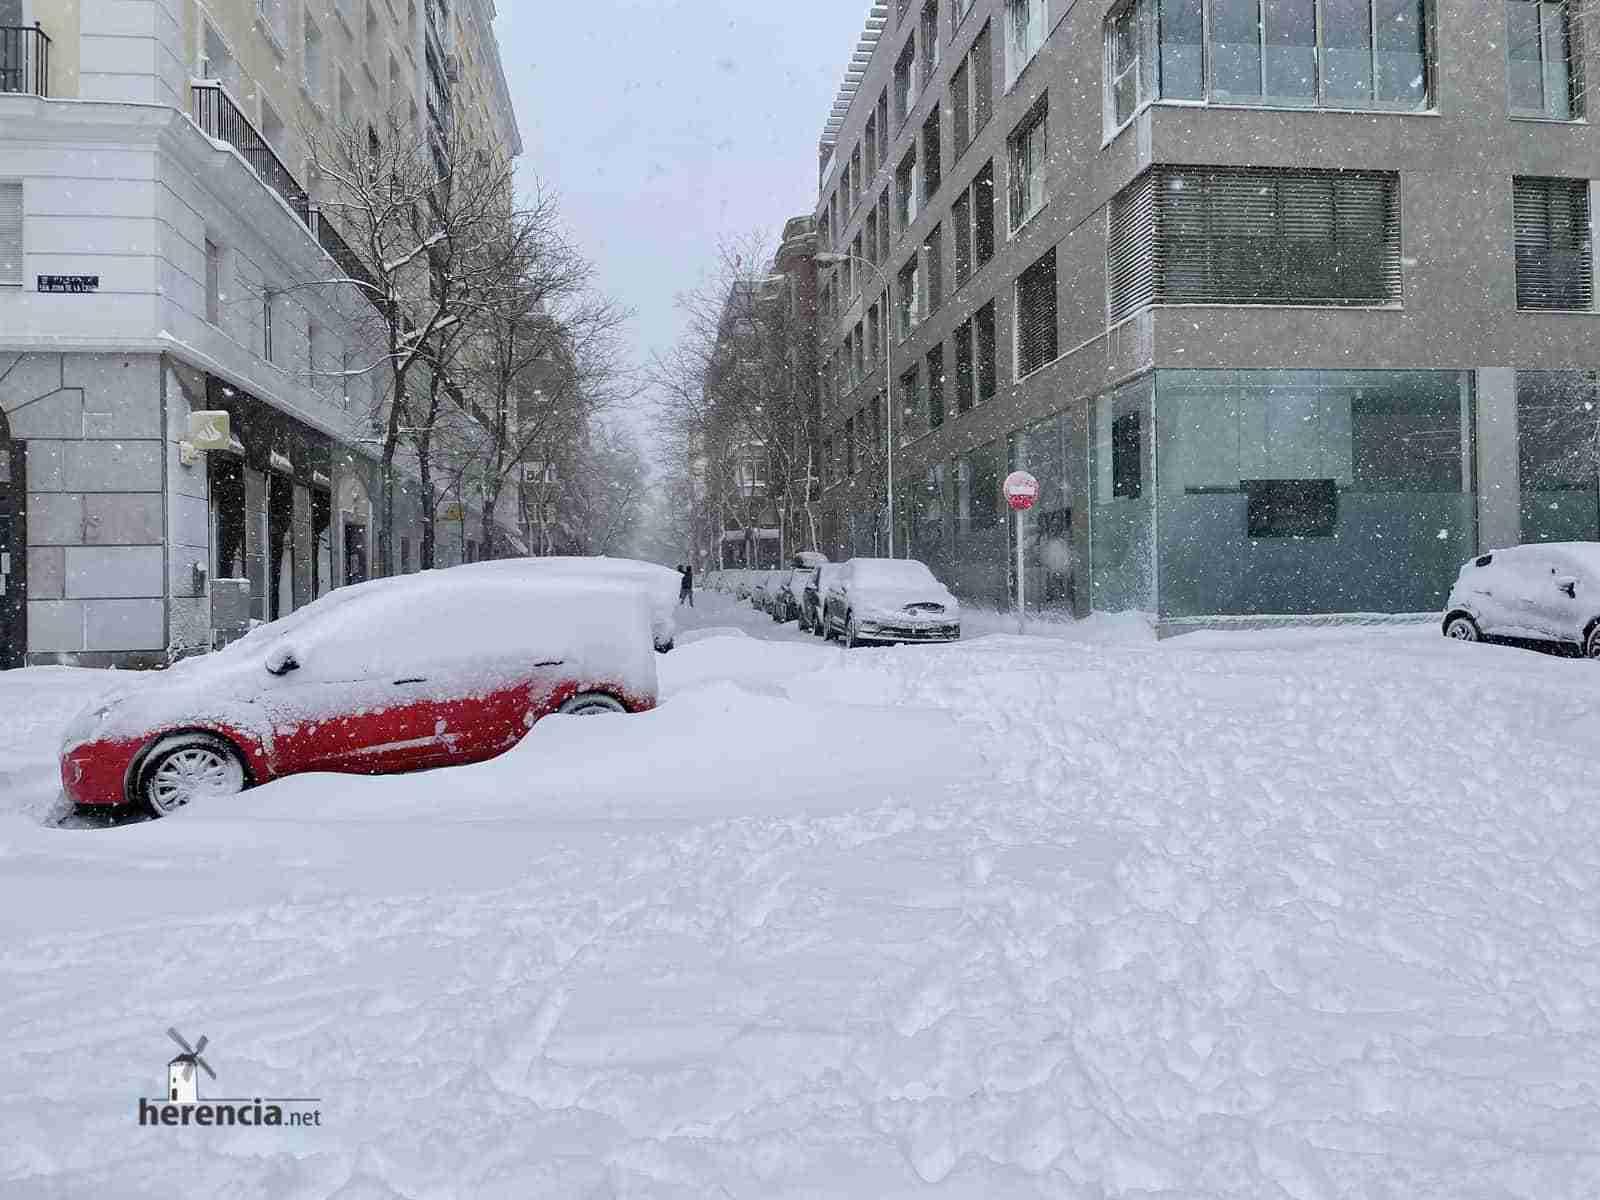 Fotografías de la nevada de enero en Madrid (España) 222